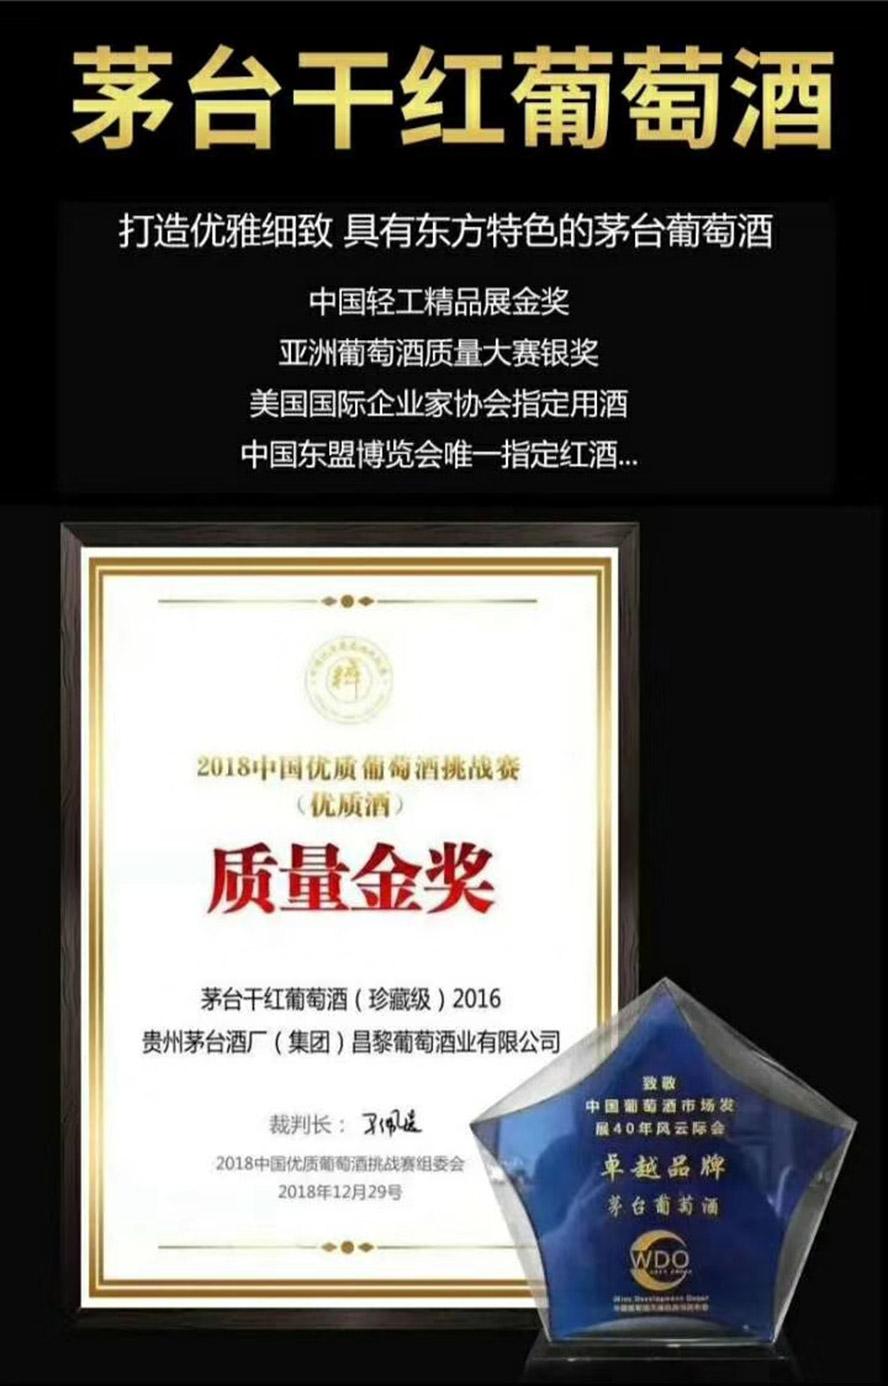 北京酒门文化有限公司